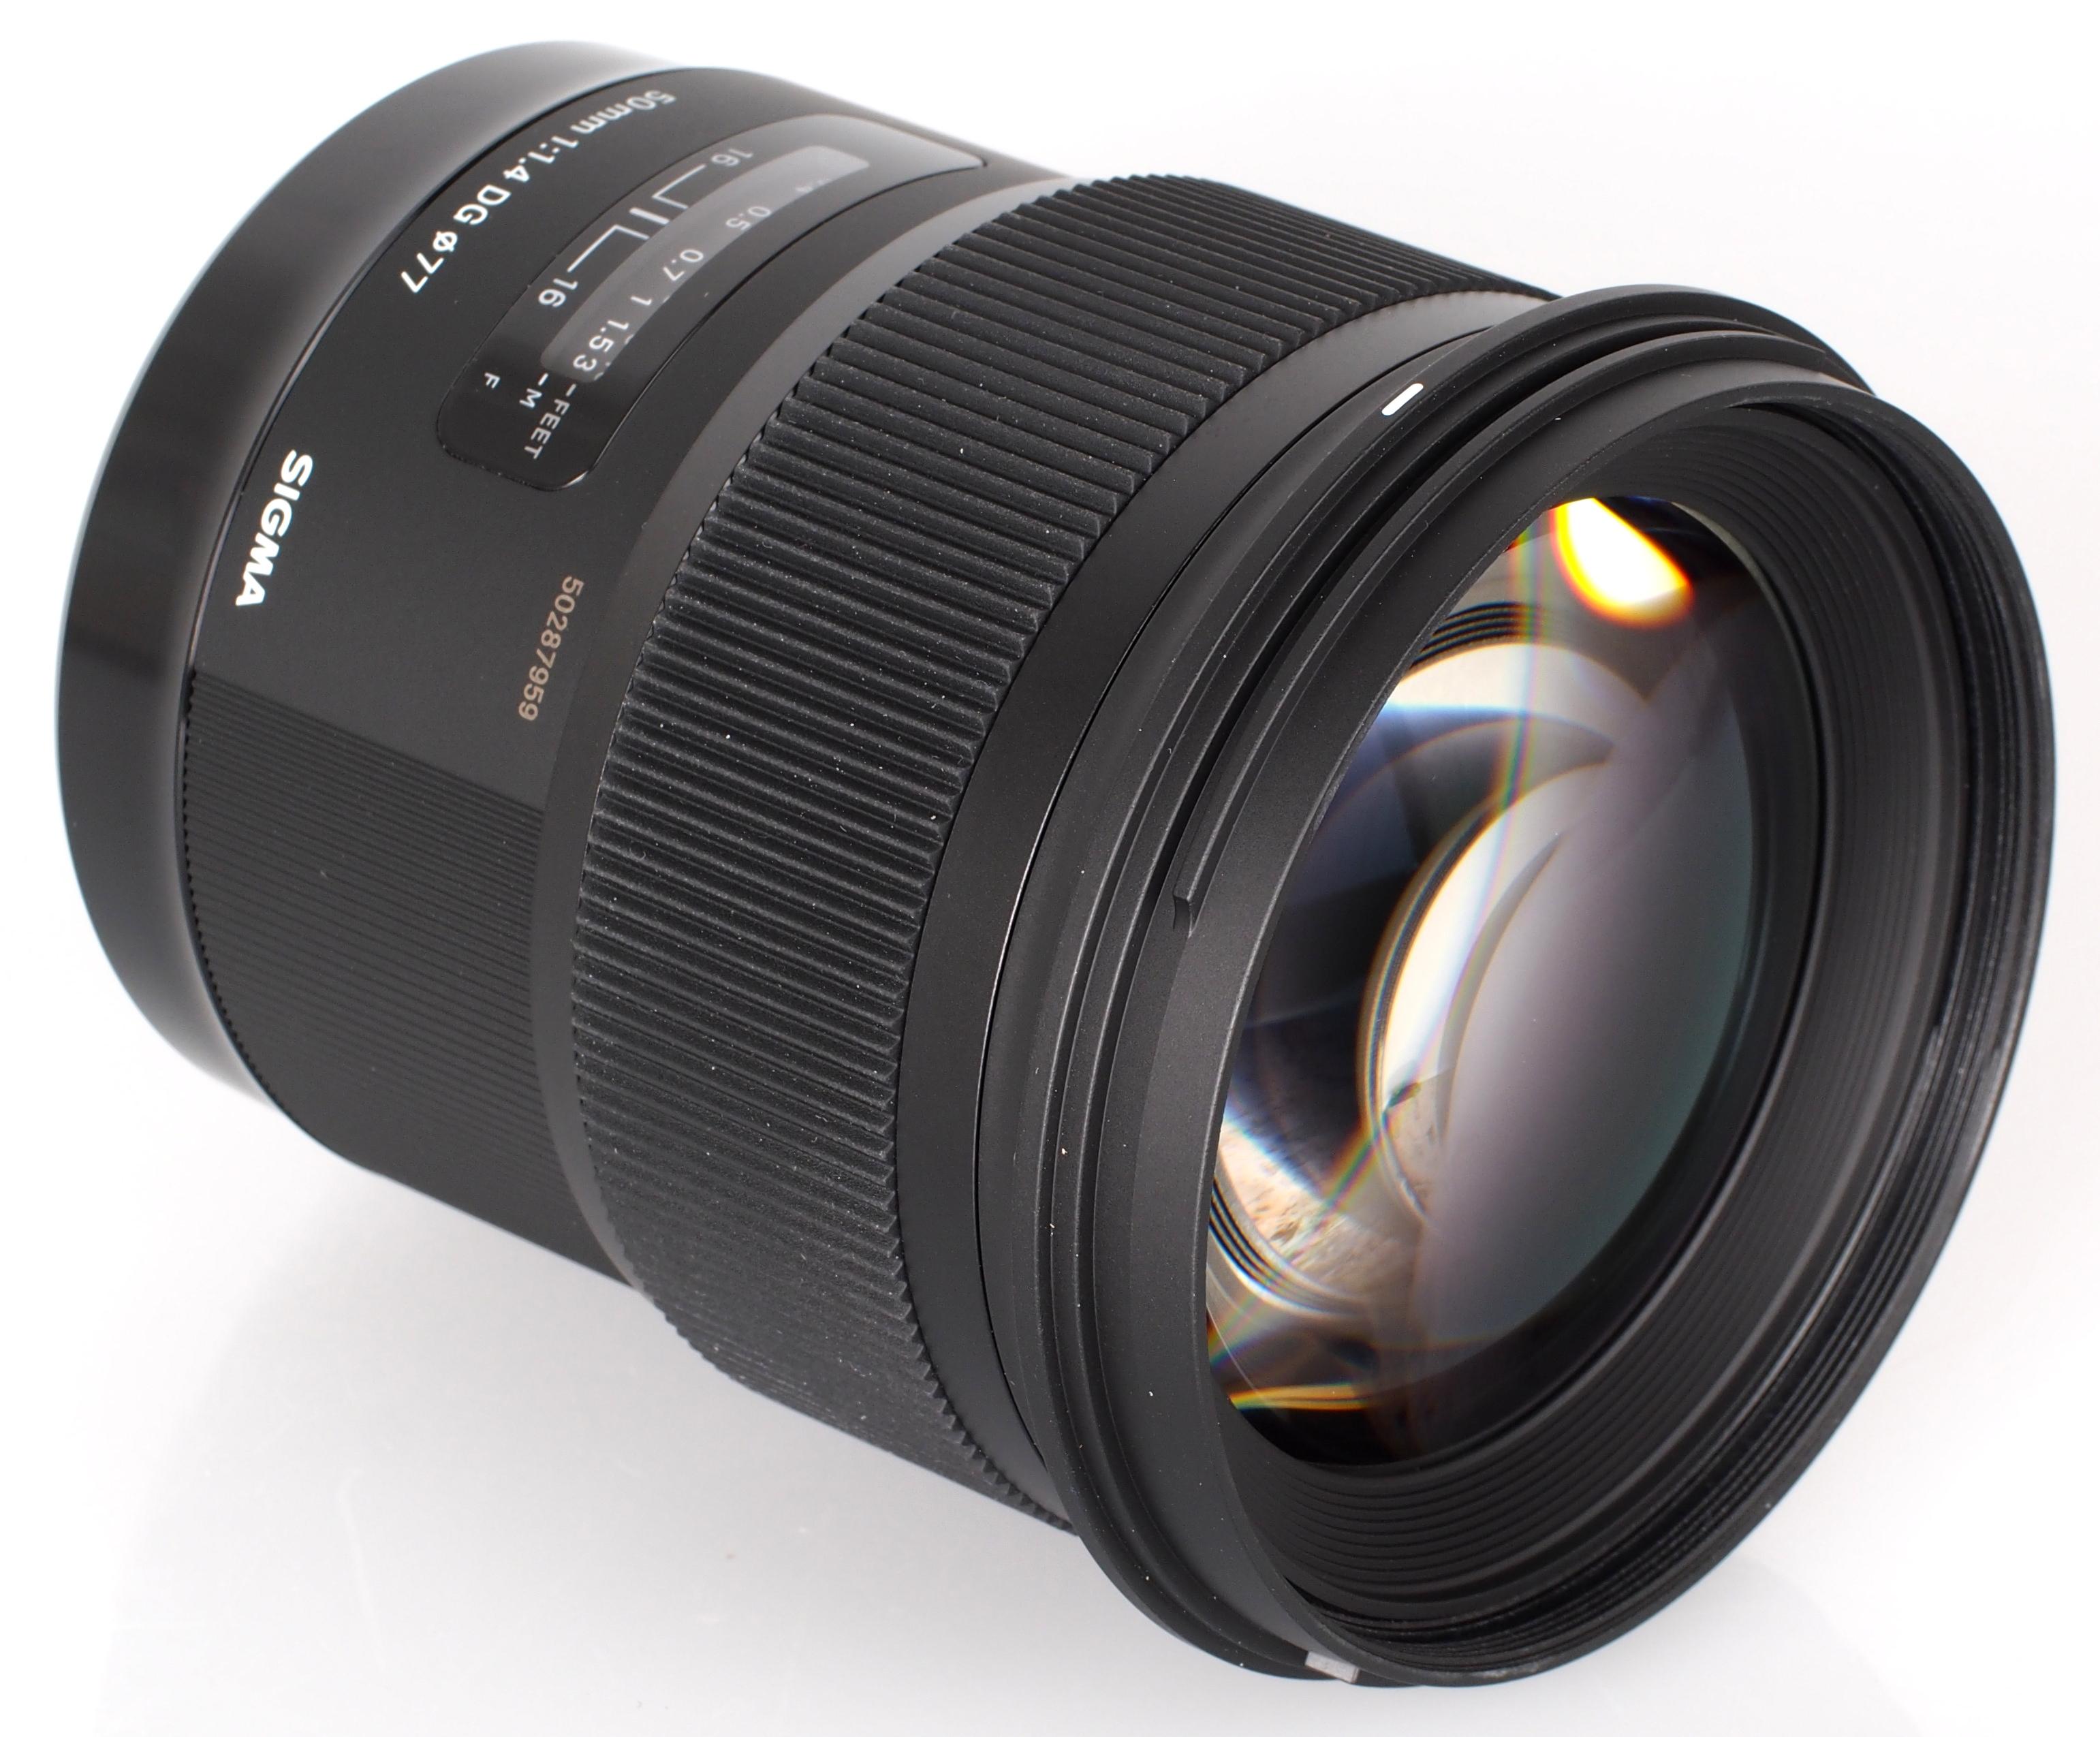 Sigma 50mm F 1 4 Dg Hsm Art Lens Review Ephotozine